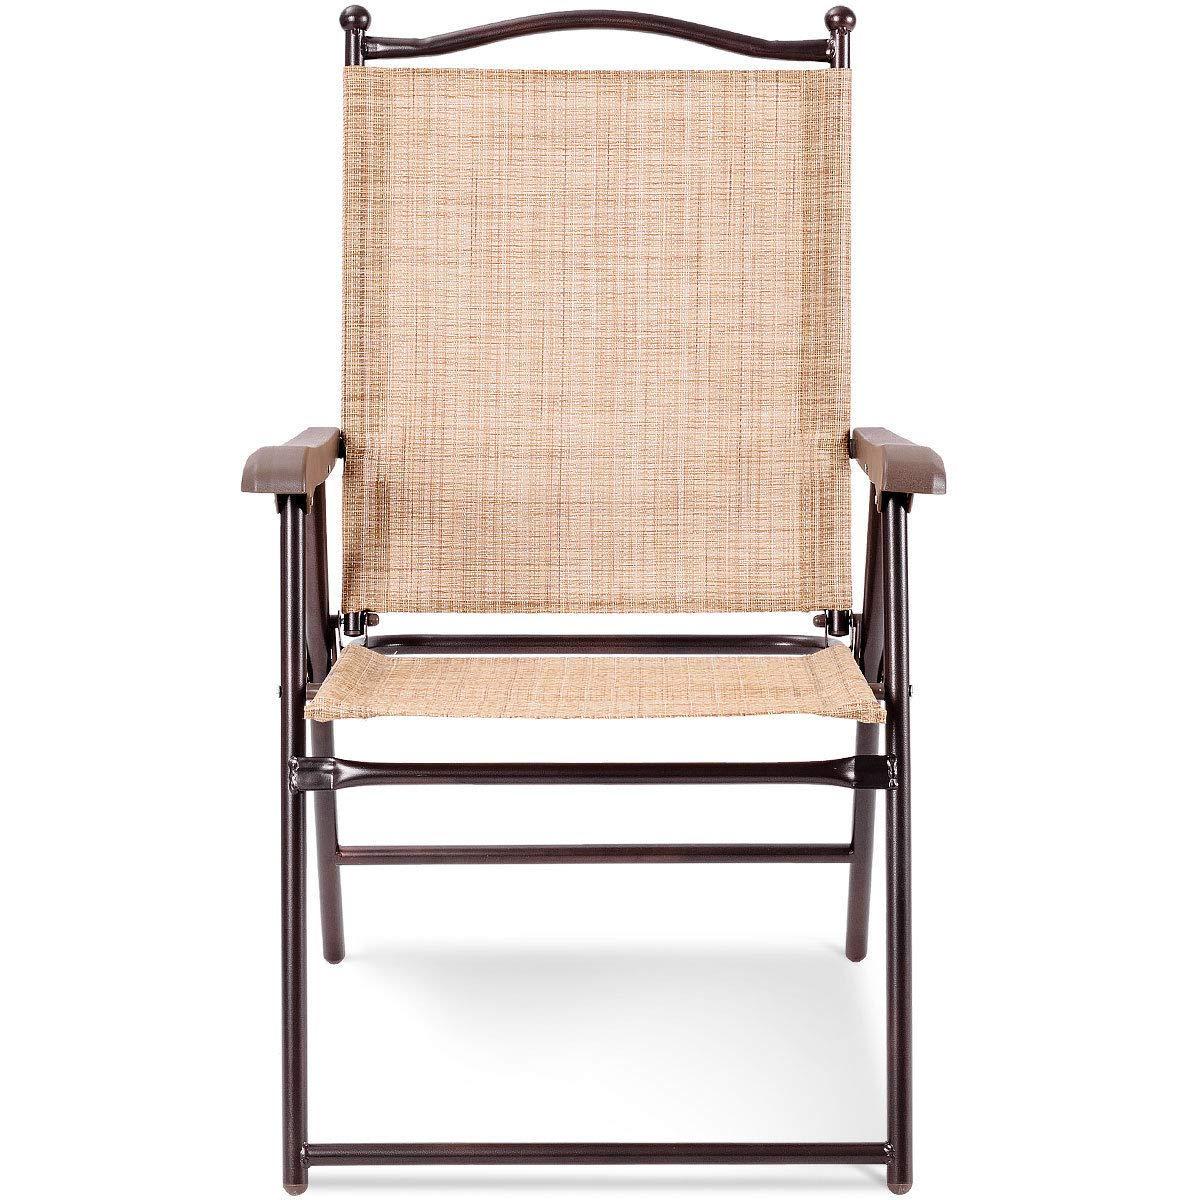 Amazon.com: Juego de 2 sillas plegables para patio o patio ...